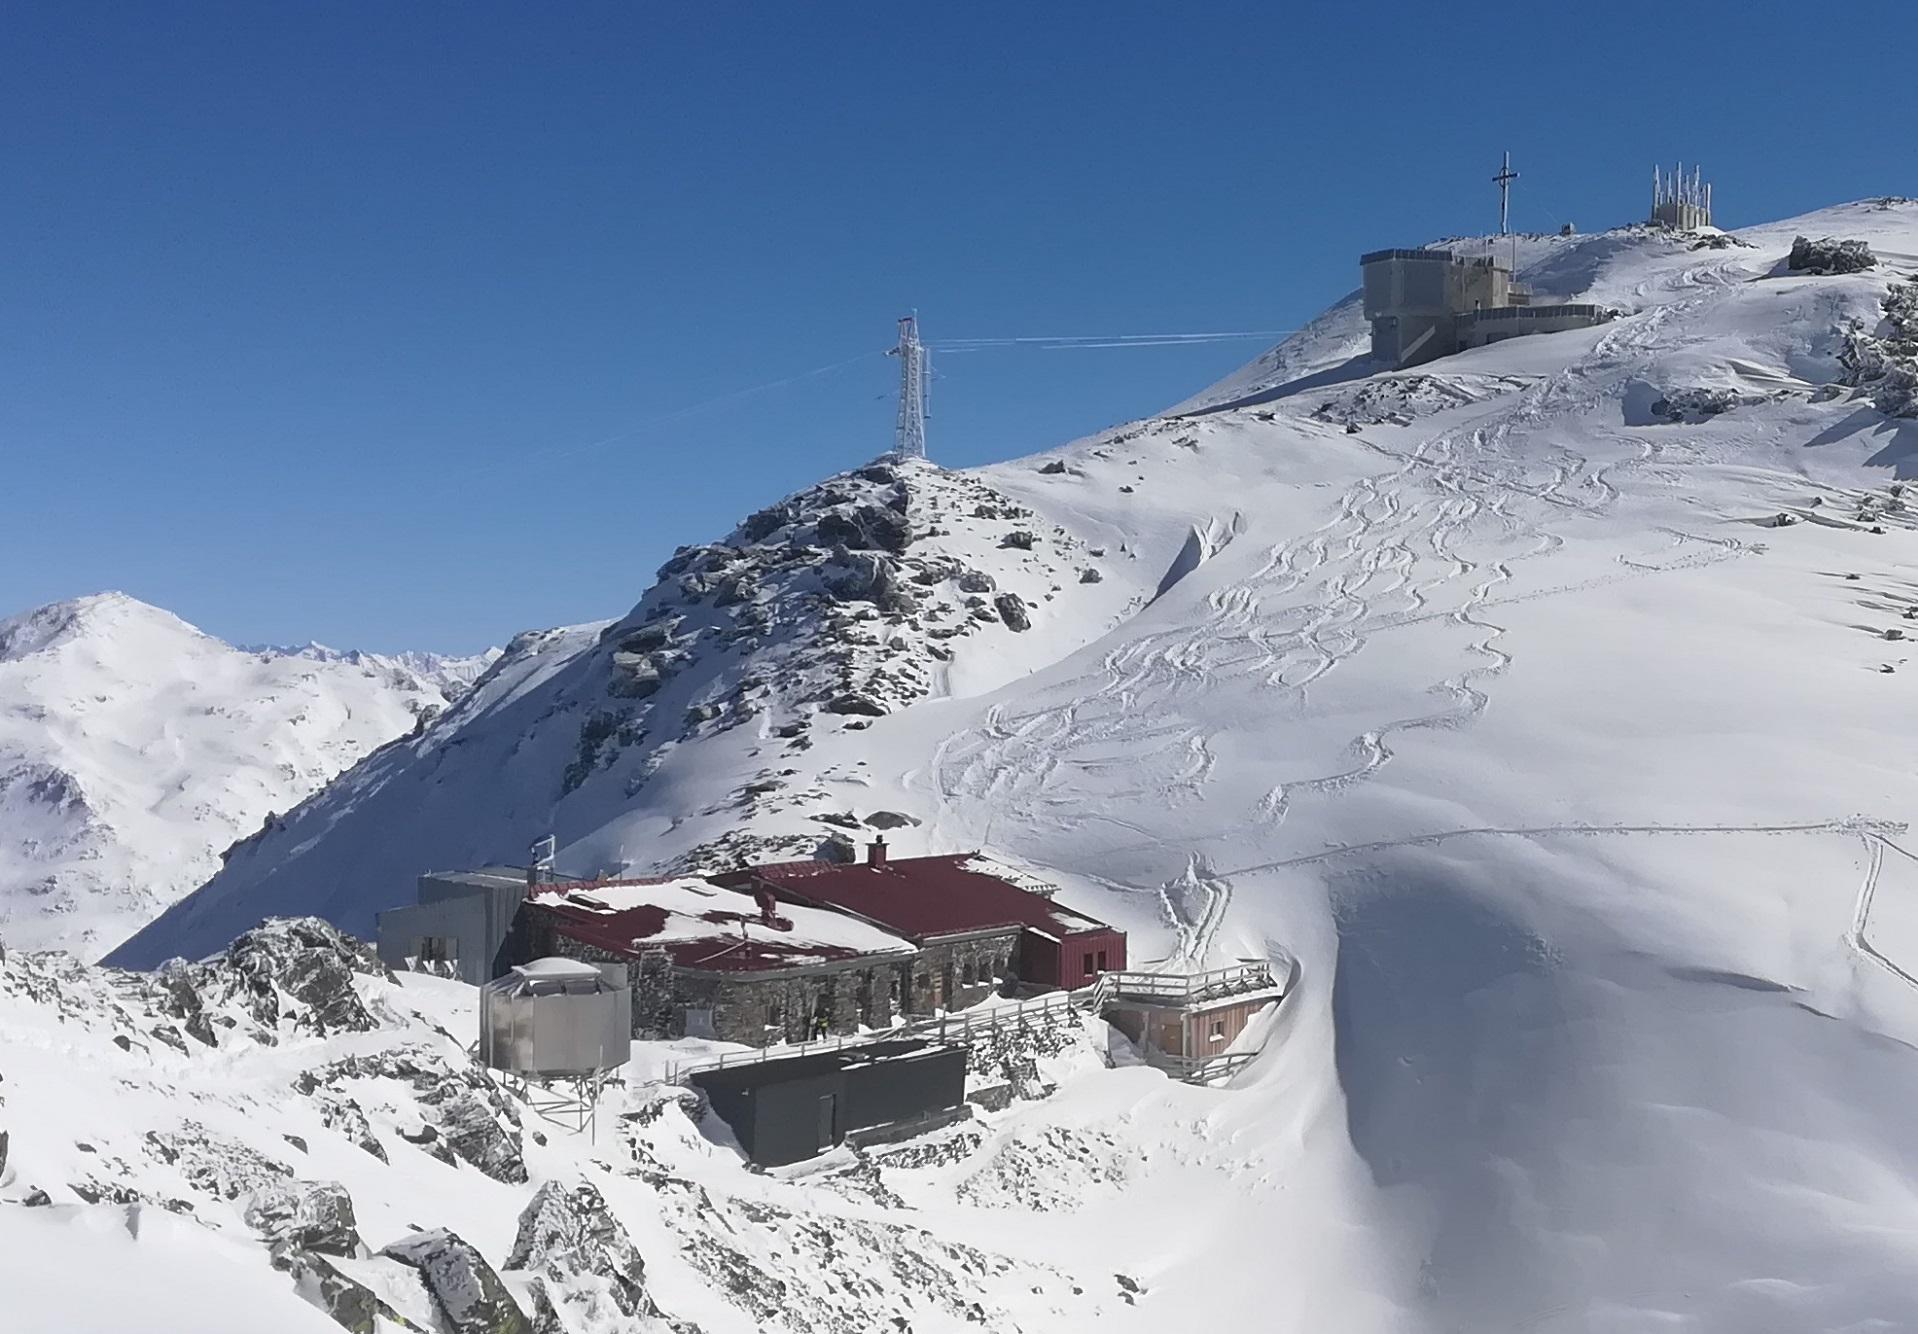 Genuss am Berg im Winter Glungezer Tirol